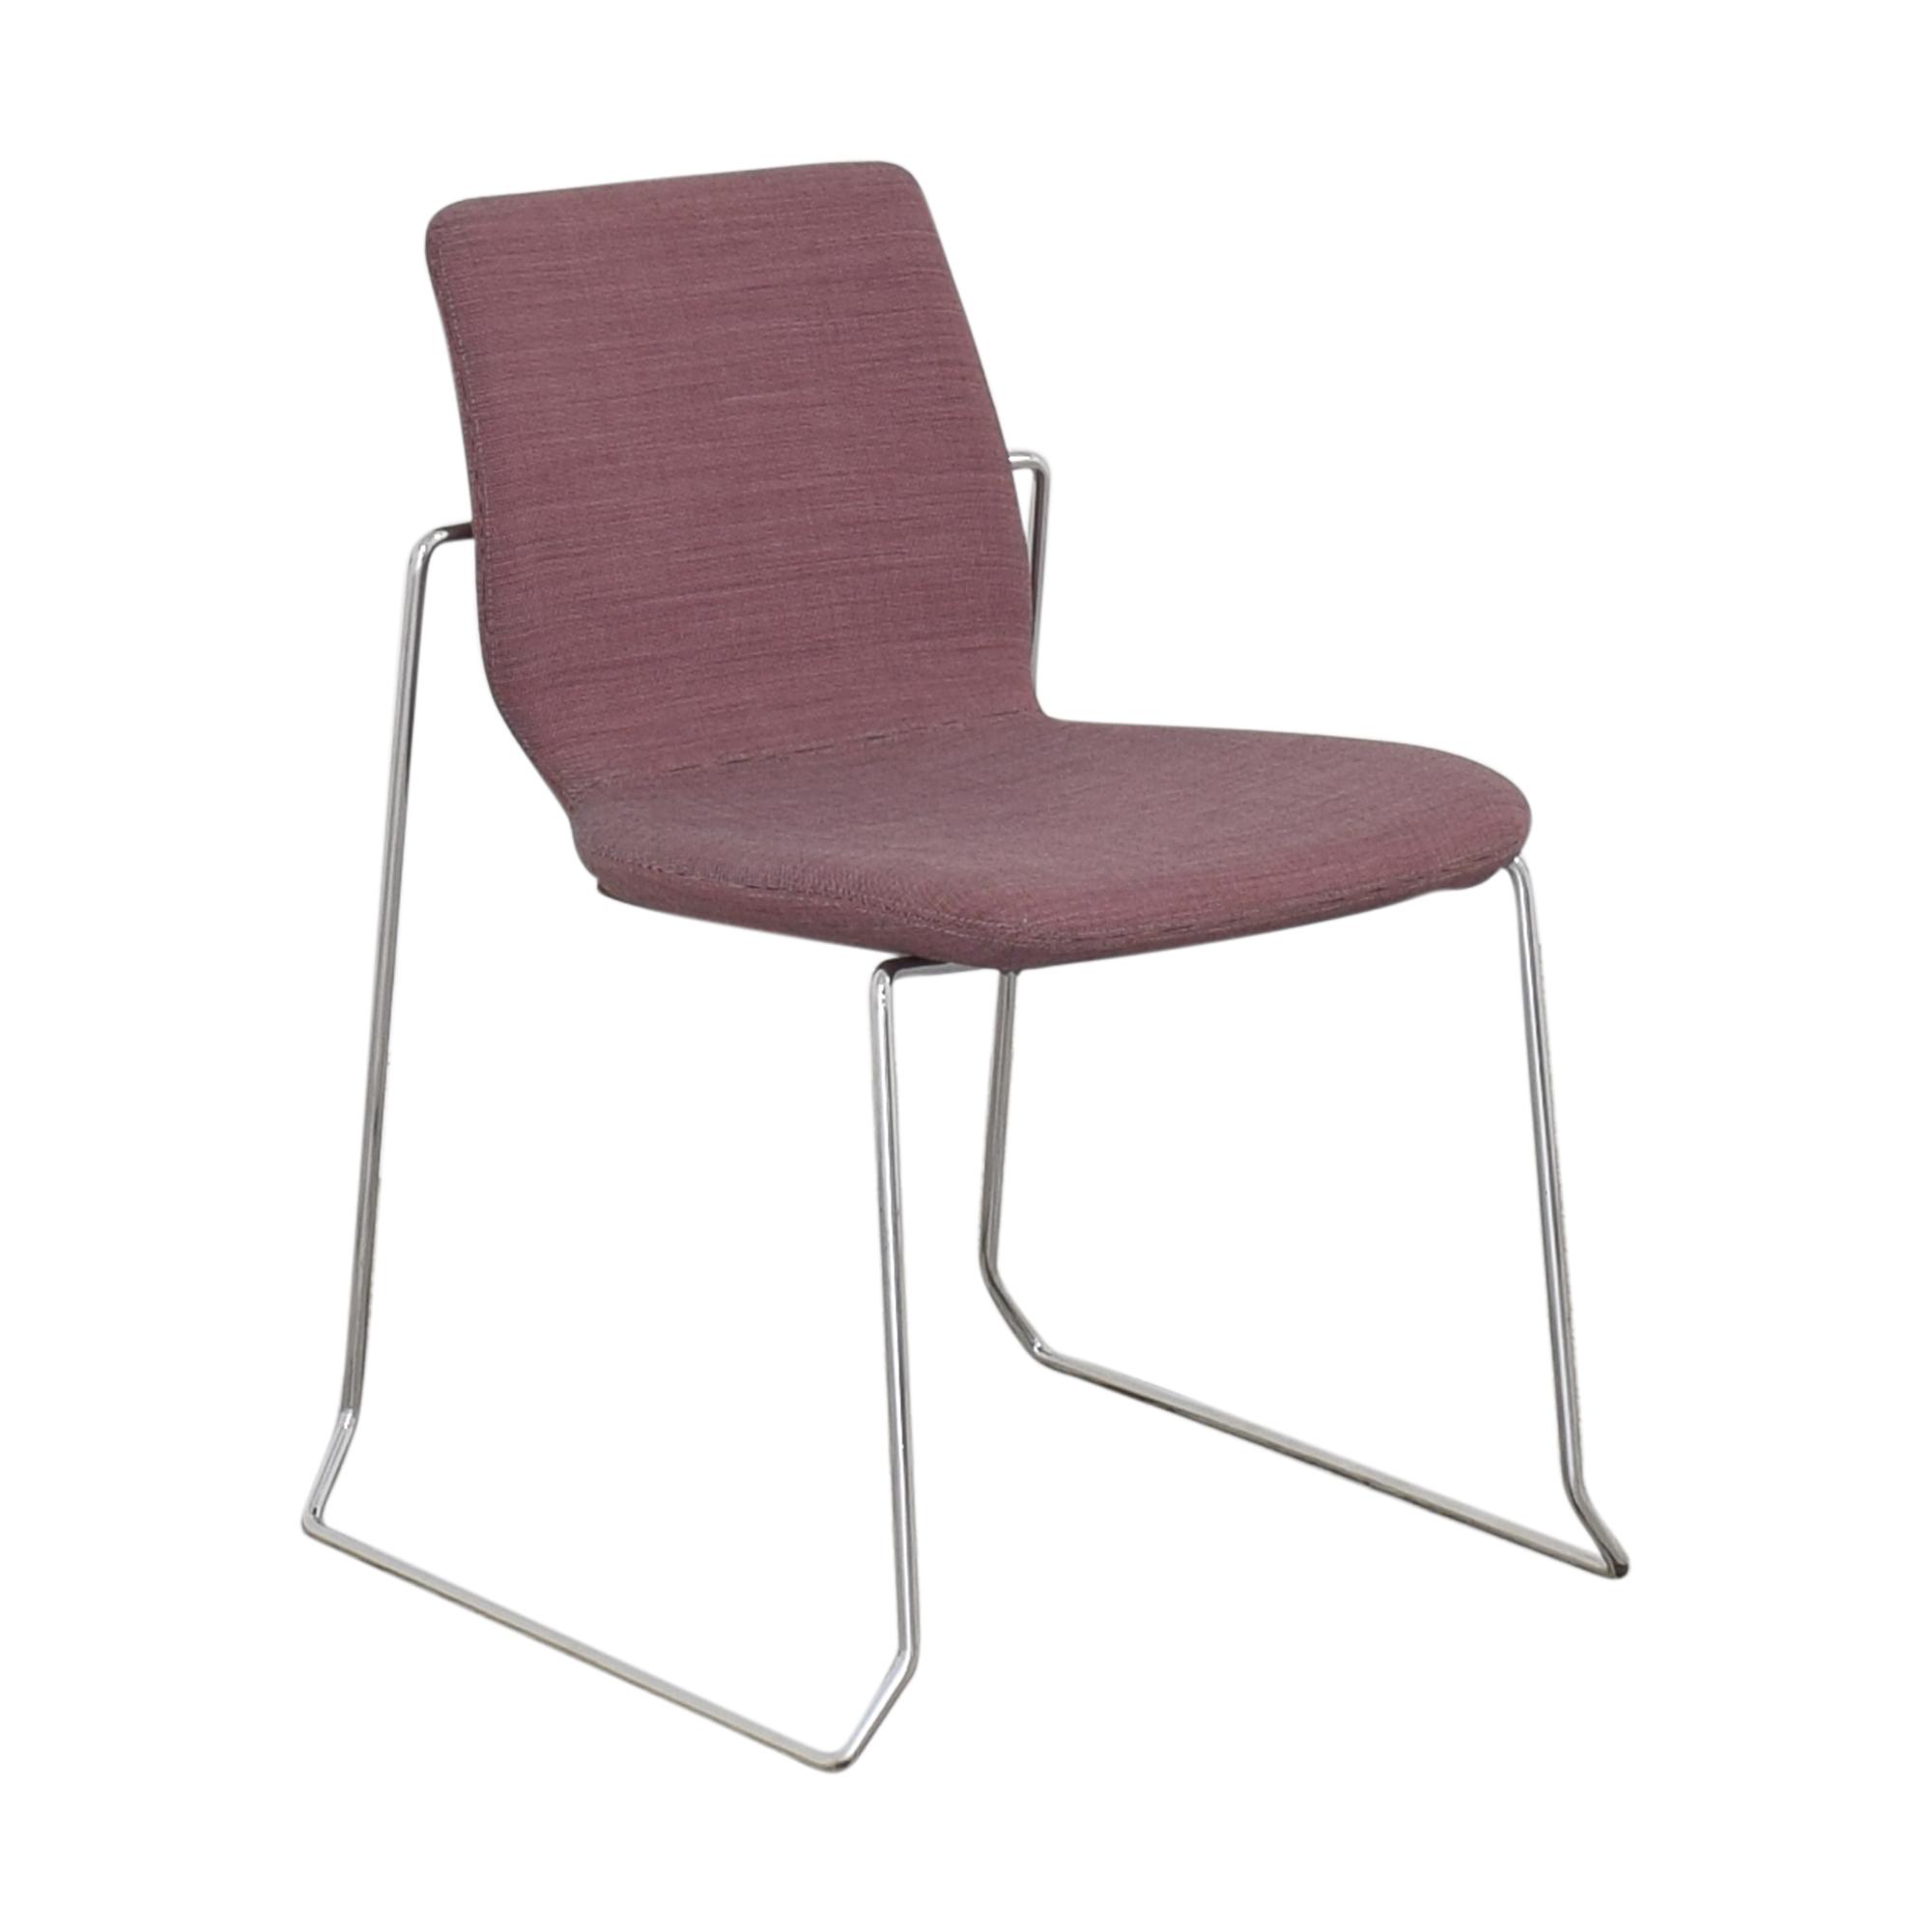 Koleksiyon Koleksiyon Asanda Armless Chair on sale